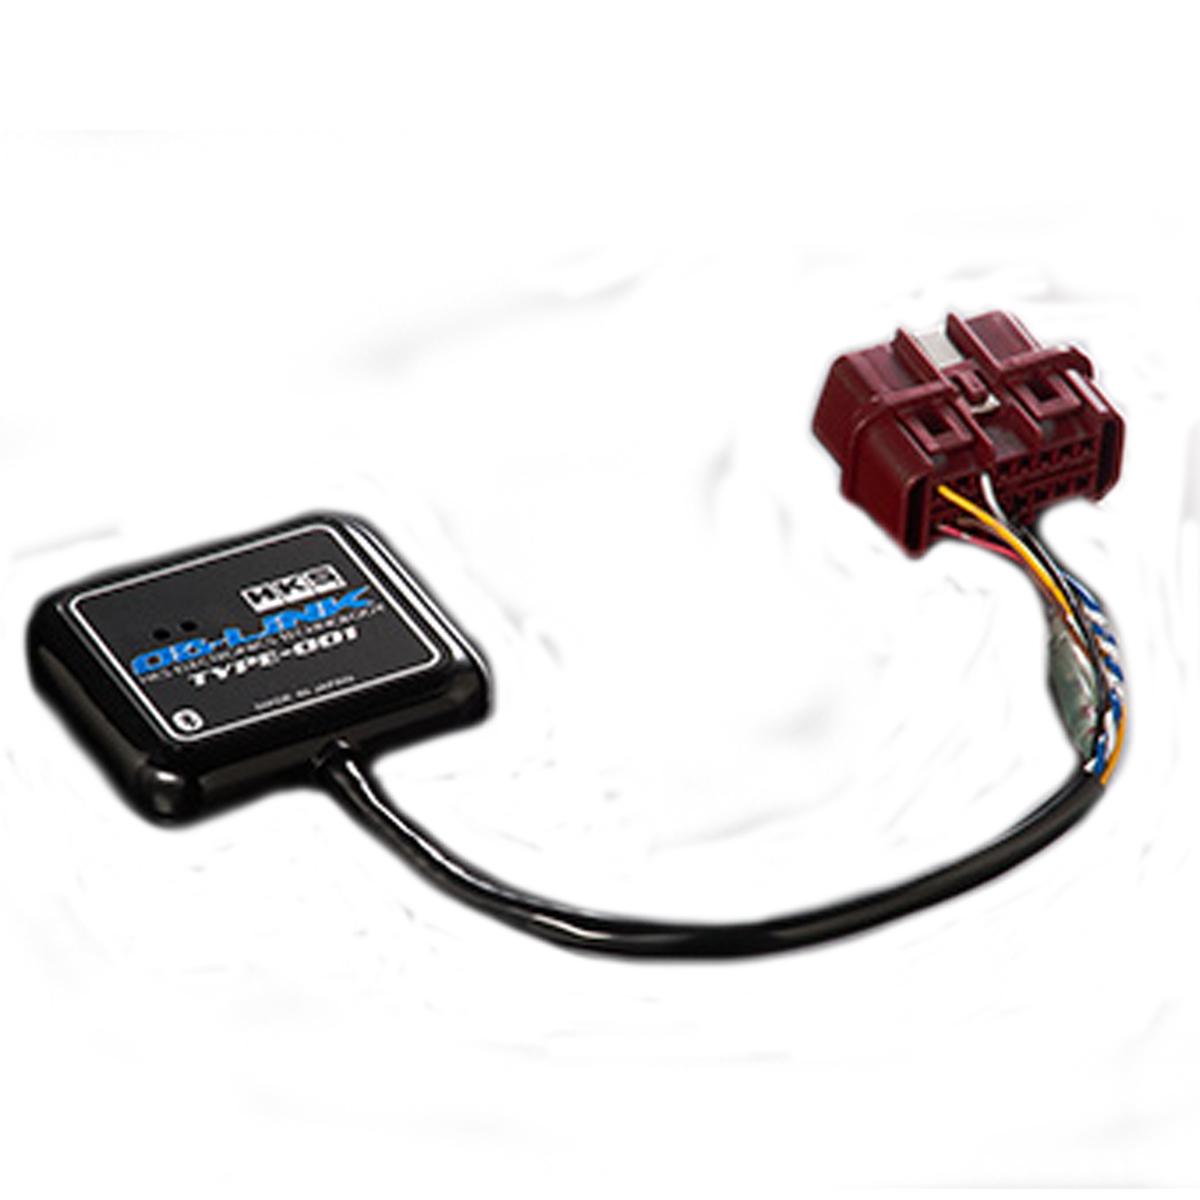 デイズ DAYZ モニター OBリンク タイプ 001 B21W HKS 44009-AK002 エレクトリニクス 個人宅発送追金有